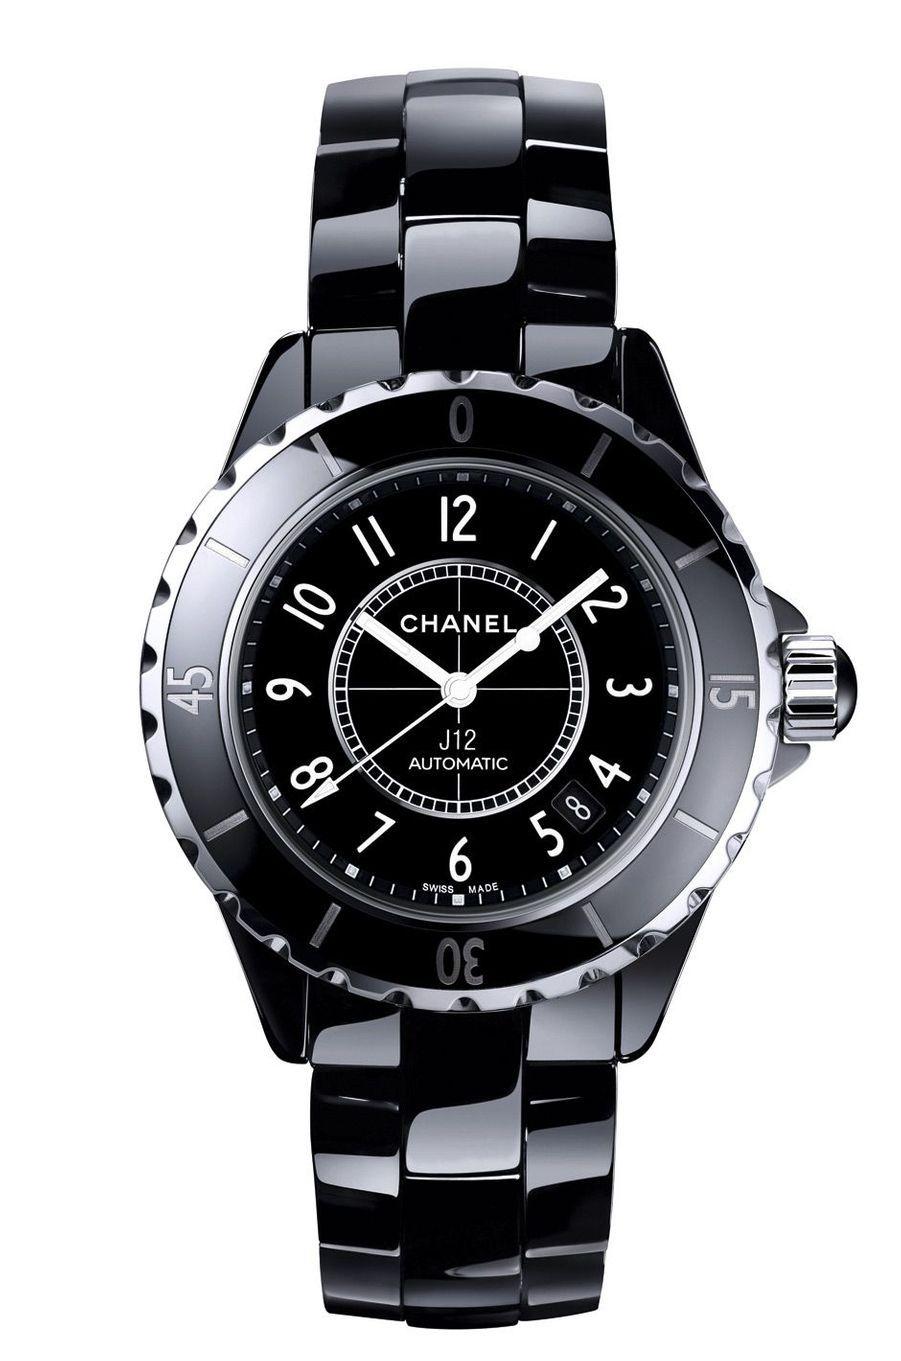 J12 en céramique, 38 mm de diamètre, mouvement automatique, bracelet en céramique, 4 950 €. Chanel.